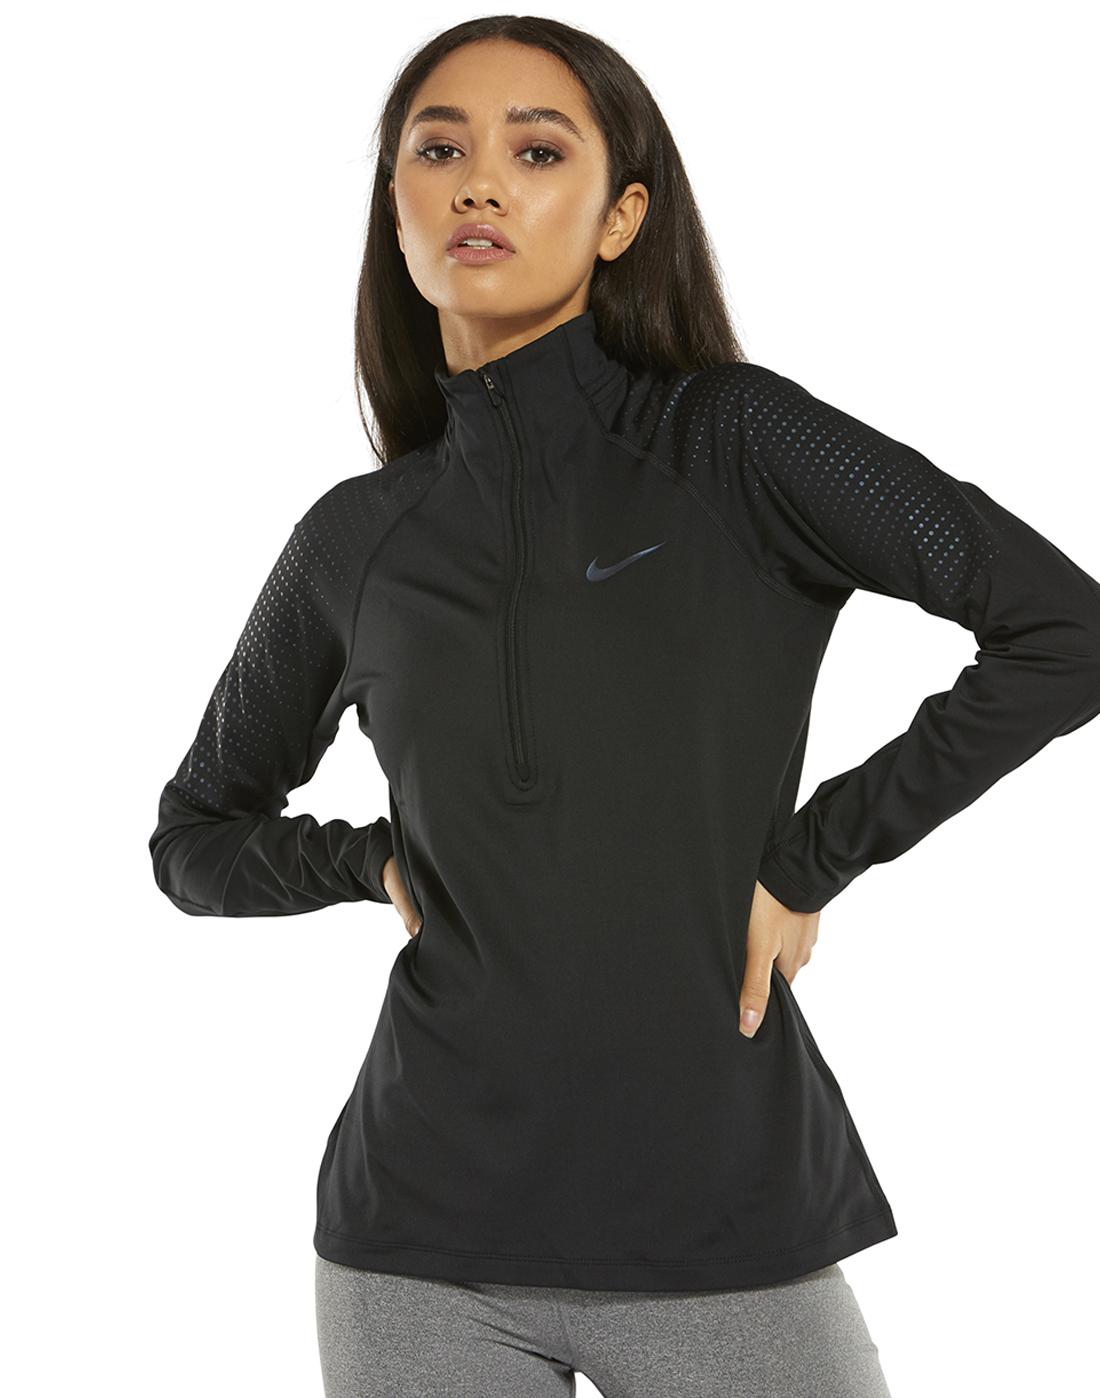 ee335fc1ce2e Women s Navy Nike Half Zip Gym Top